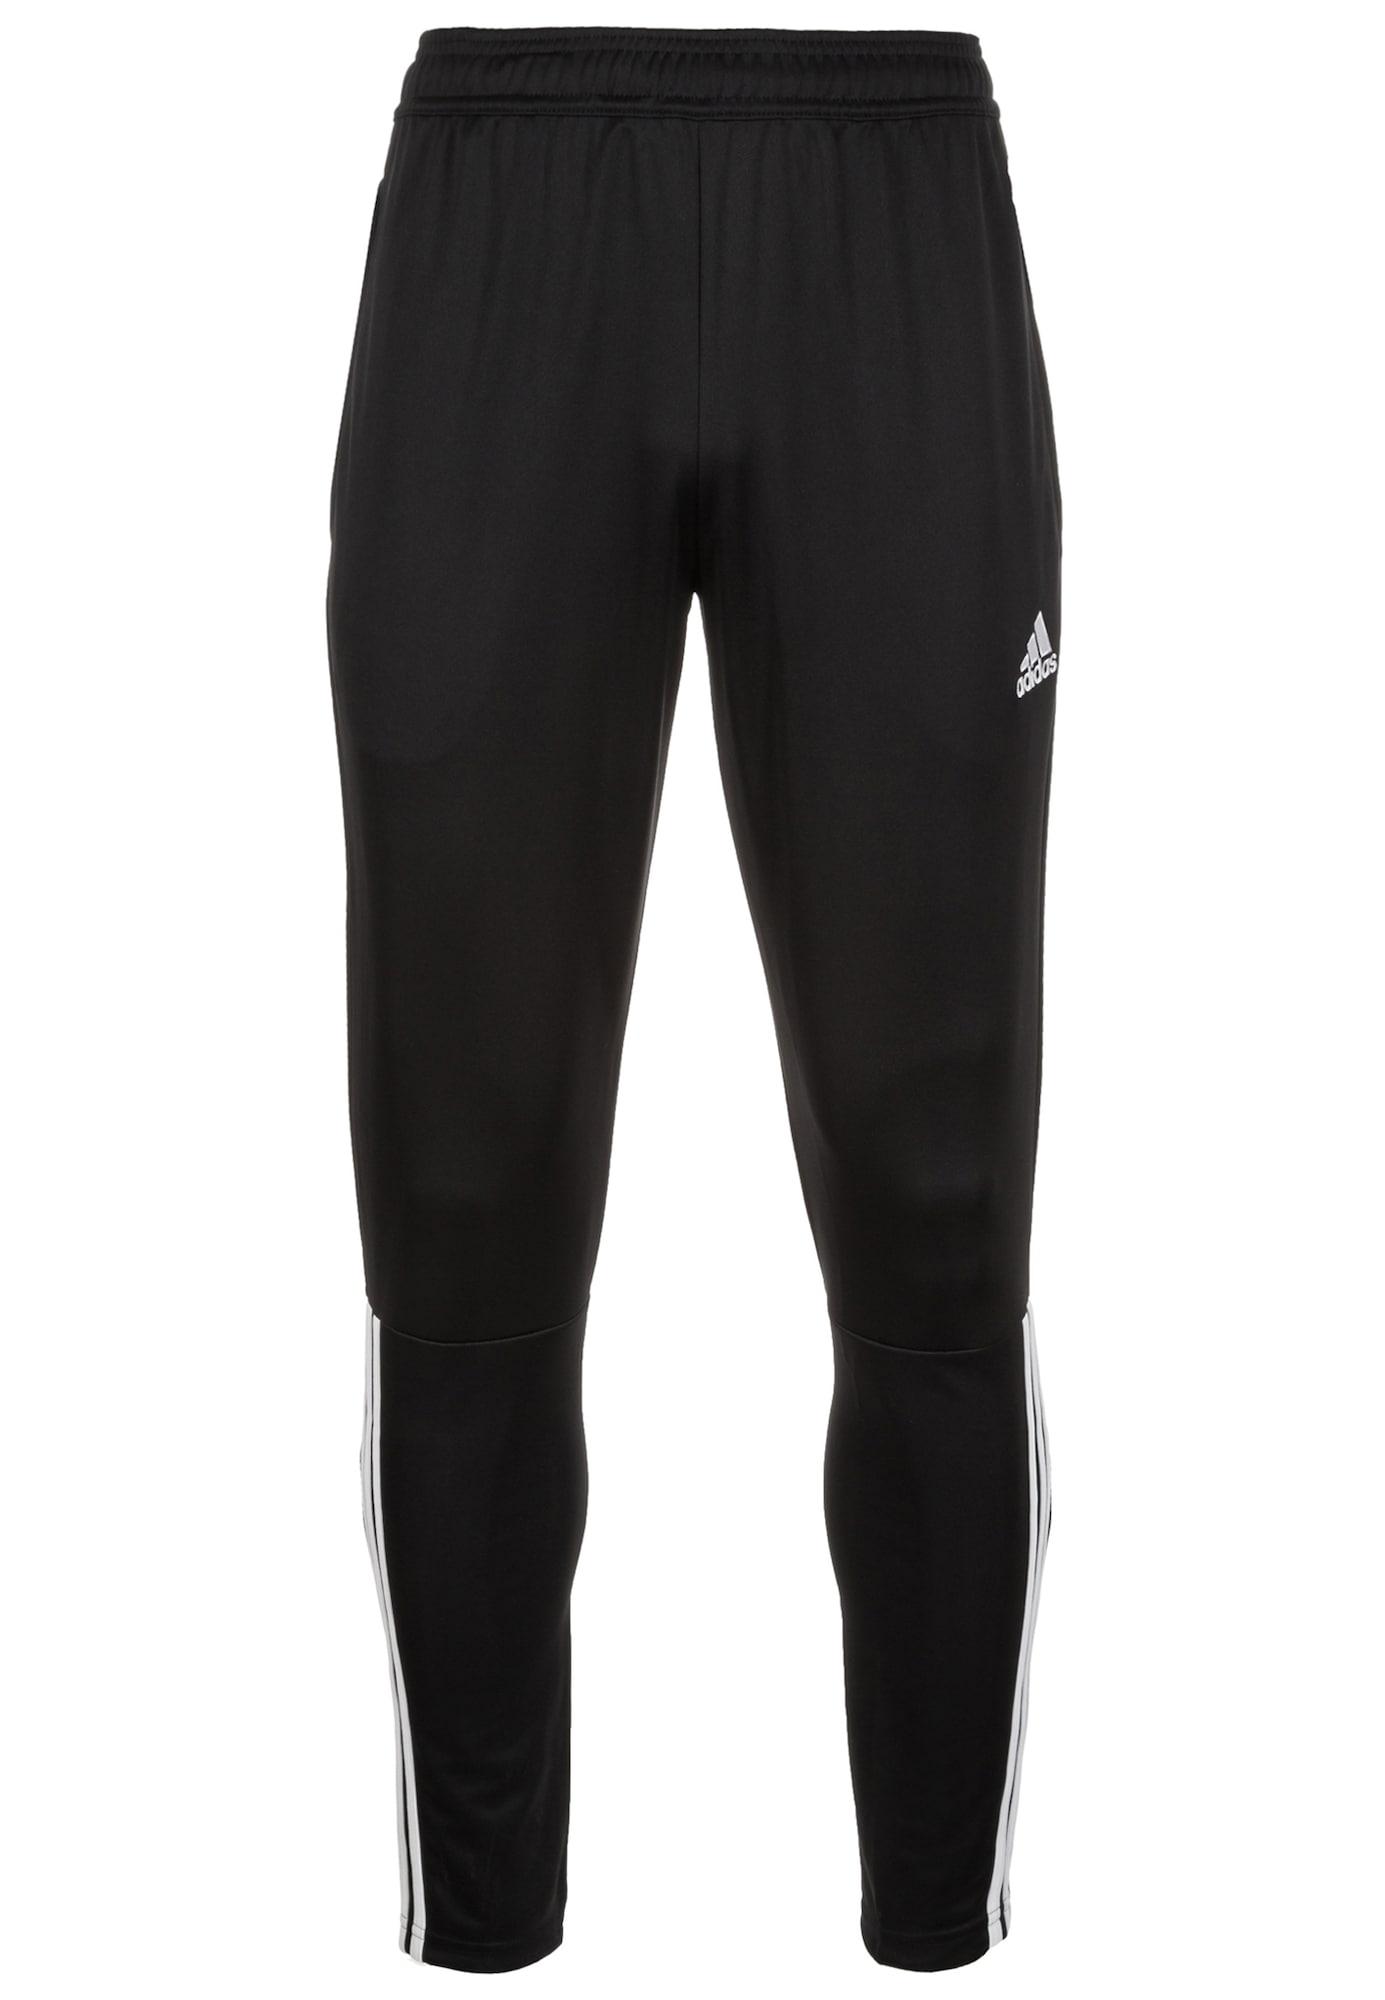 ADIDAS PERFORMANCE Sportinės kelnės juoda / balta